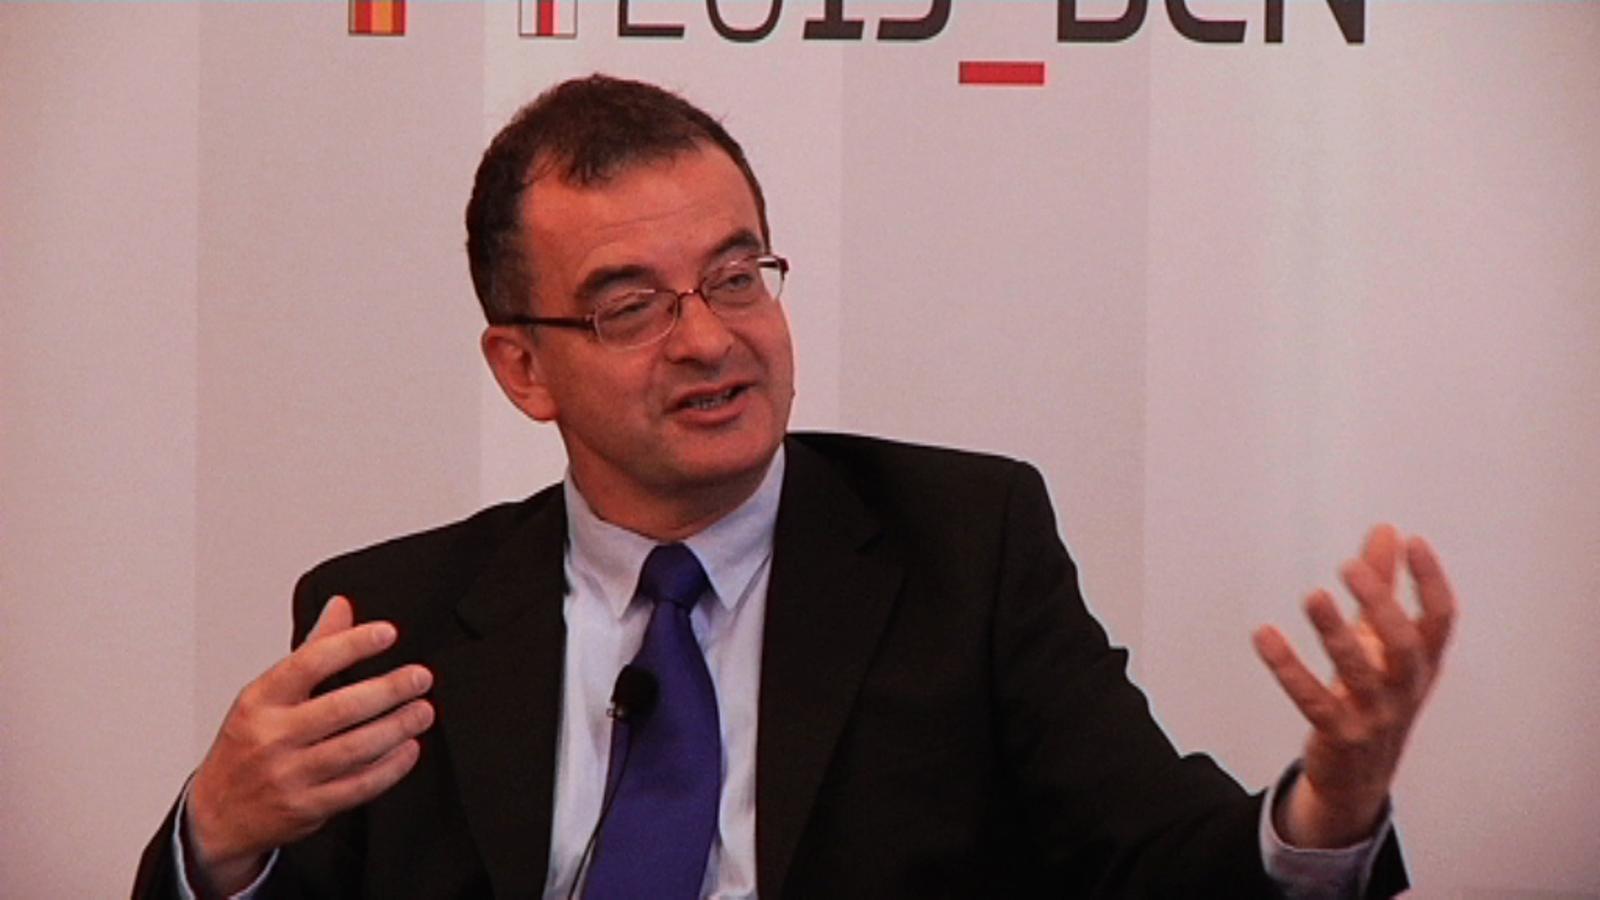 Alfred Bosch sobre el turisme: No l'hem socialitzat i ha causat problemes, hi ha deixadesa en la gestió